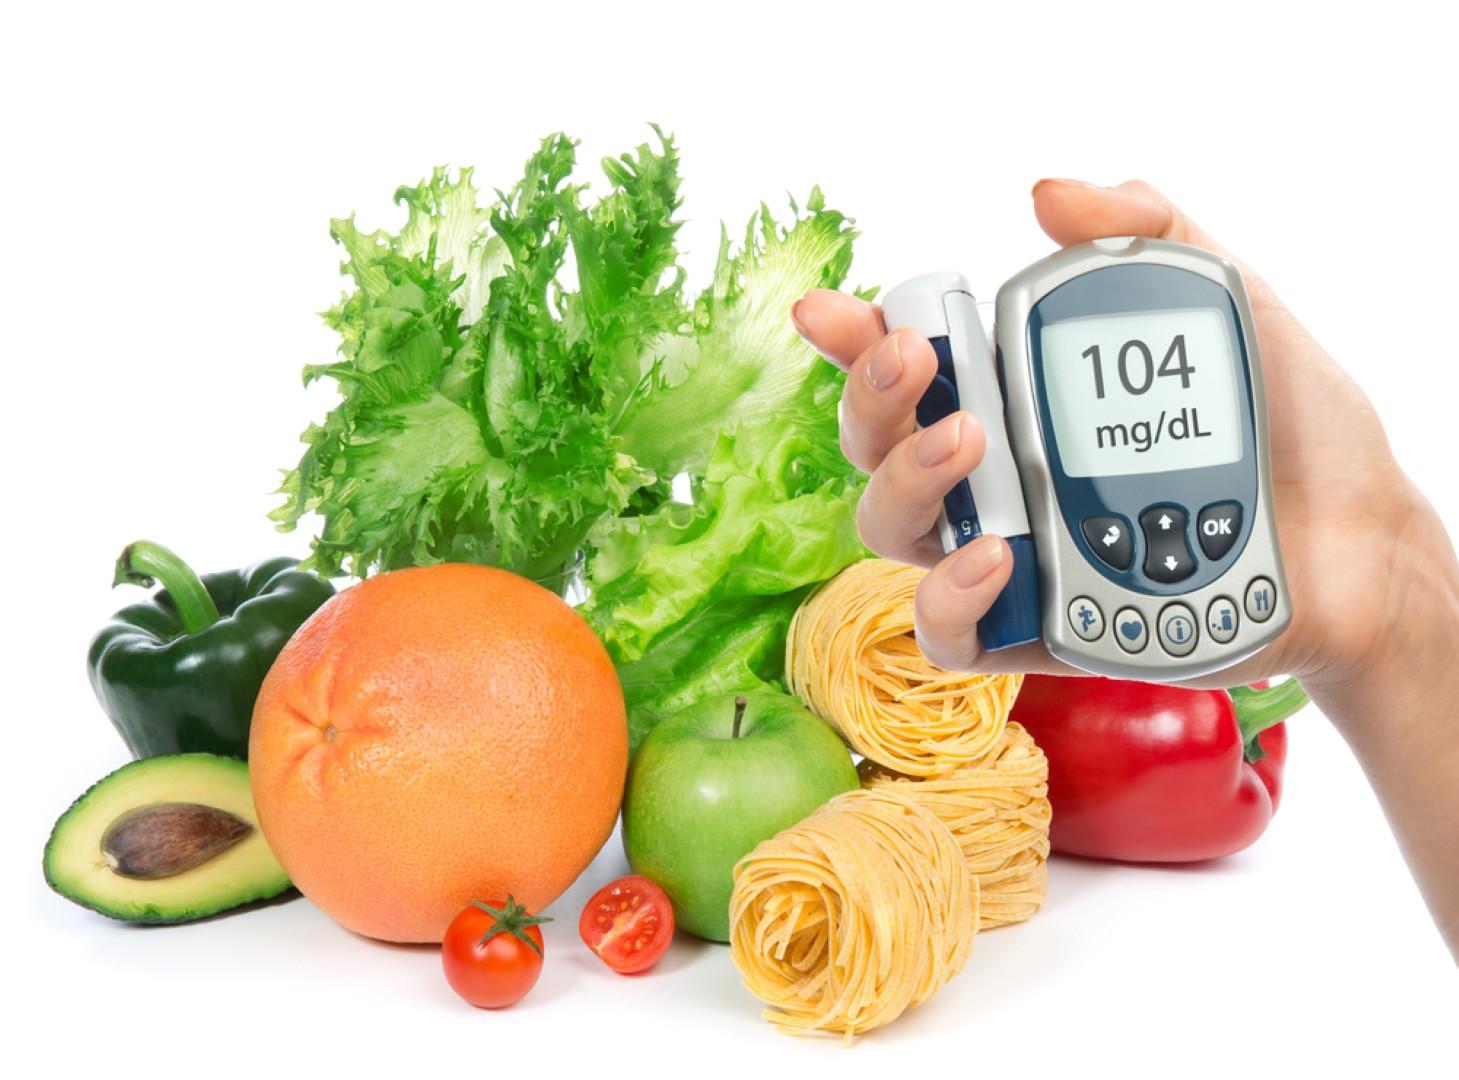 الأطعمة التي تقلل إفراز الأنسولين